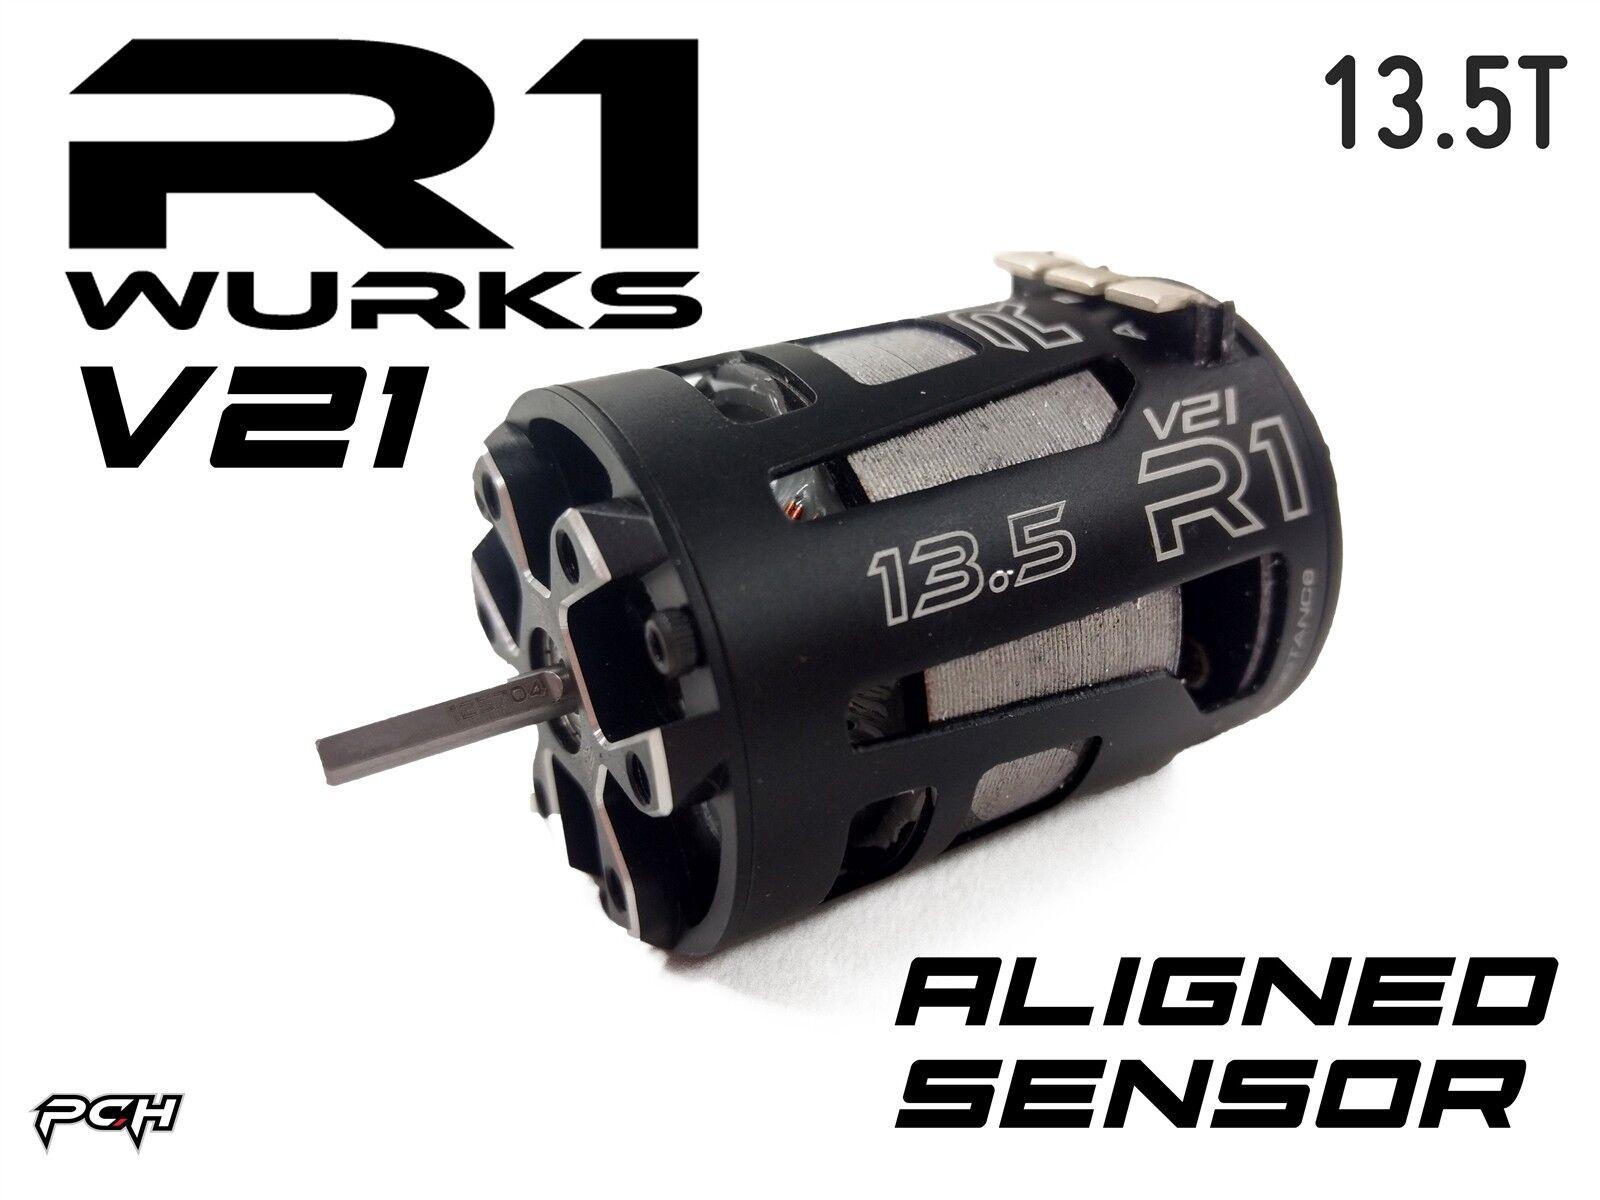 autorizzazione ufficiale R1 WURKS WURKS WURKS 13.5T V21 Ultra Premium Brushless Motor w  Aligned Sensor tavola  tutti i beni sono speciali